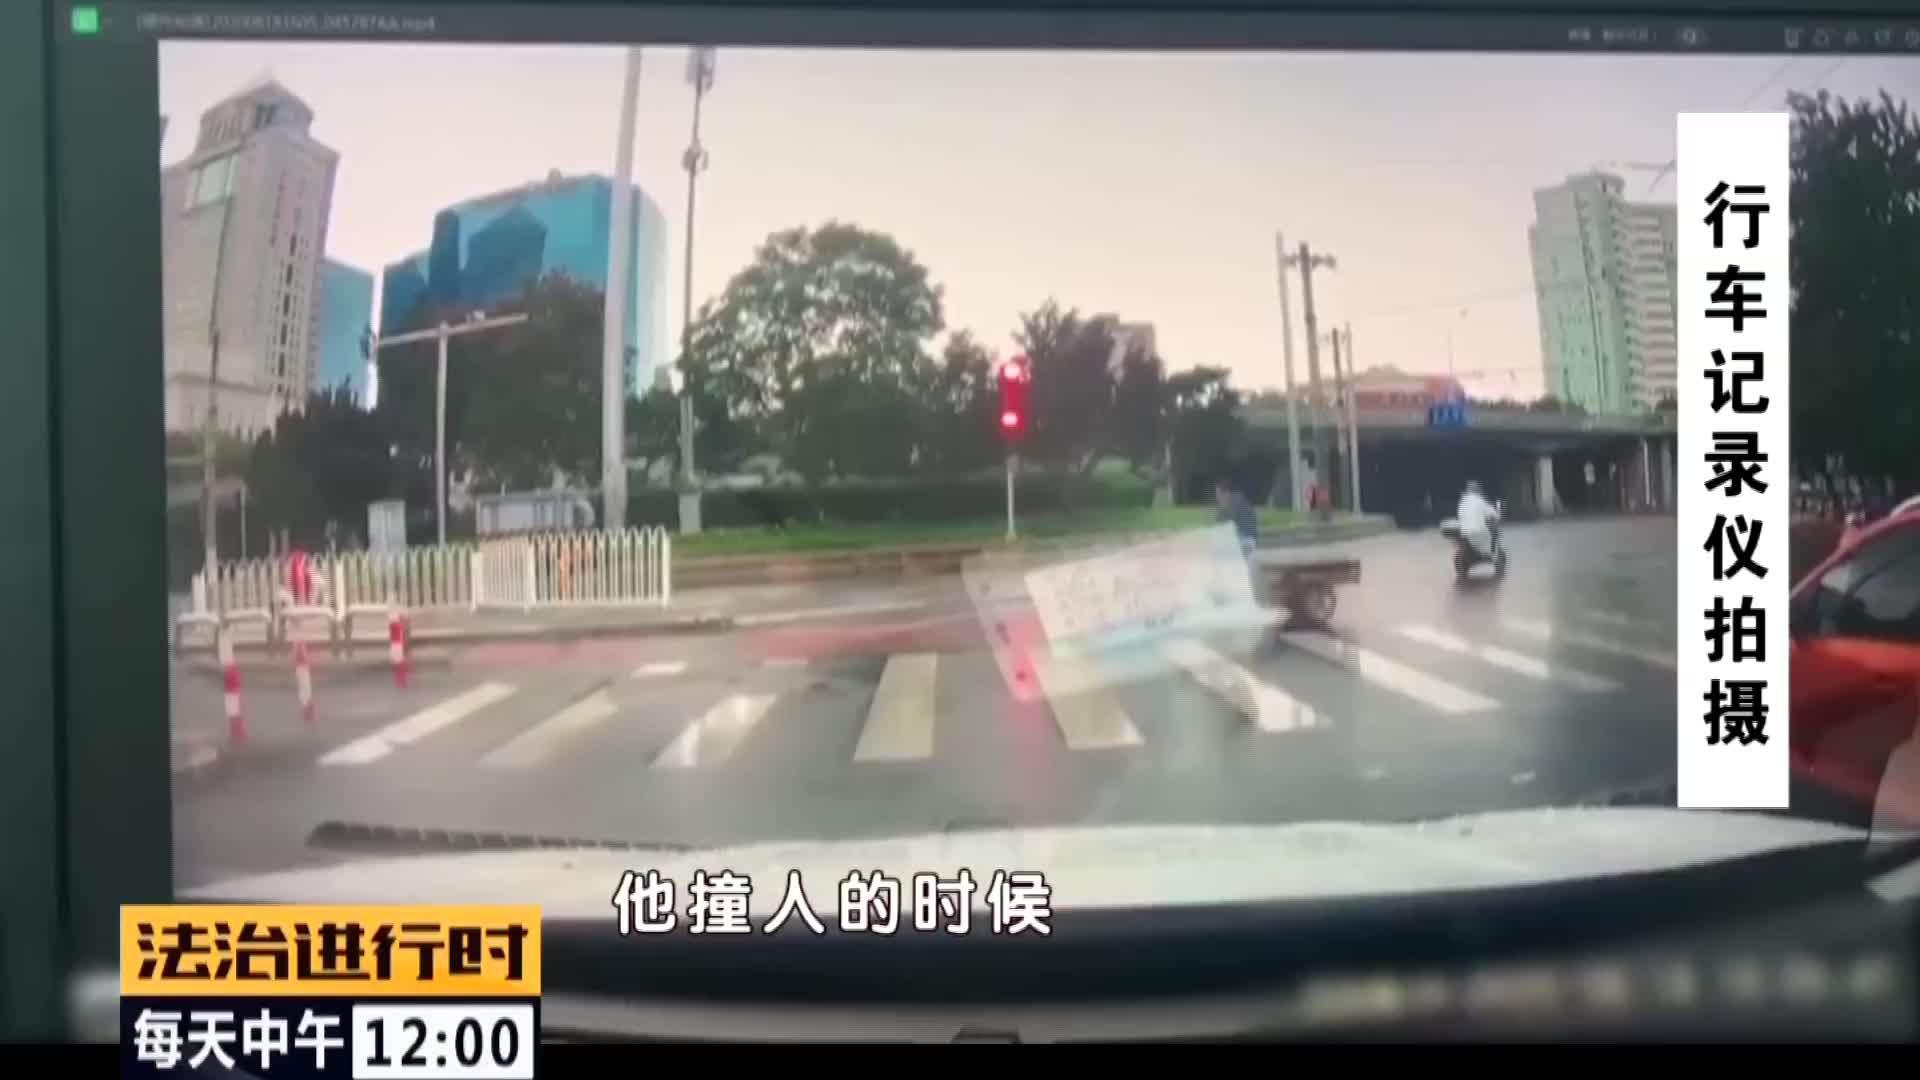 北京突发:醉驾司机撞人逃逸被交警拦下后还袭警